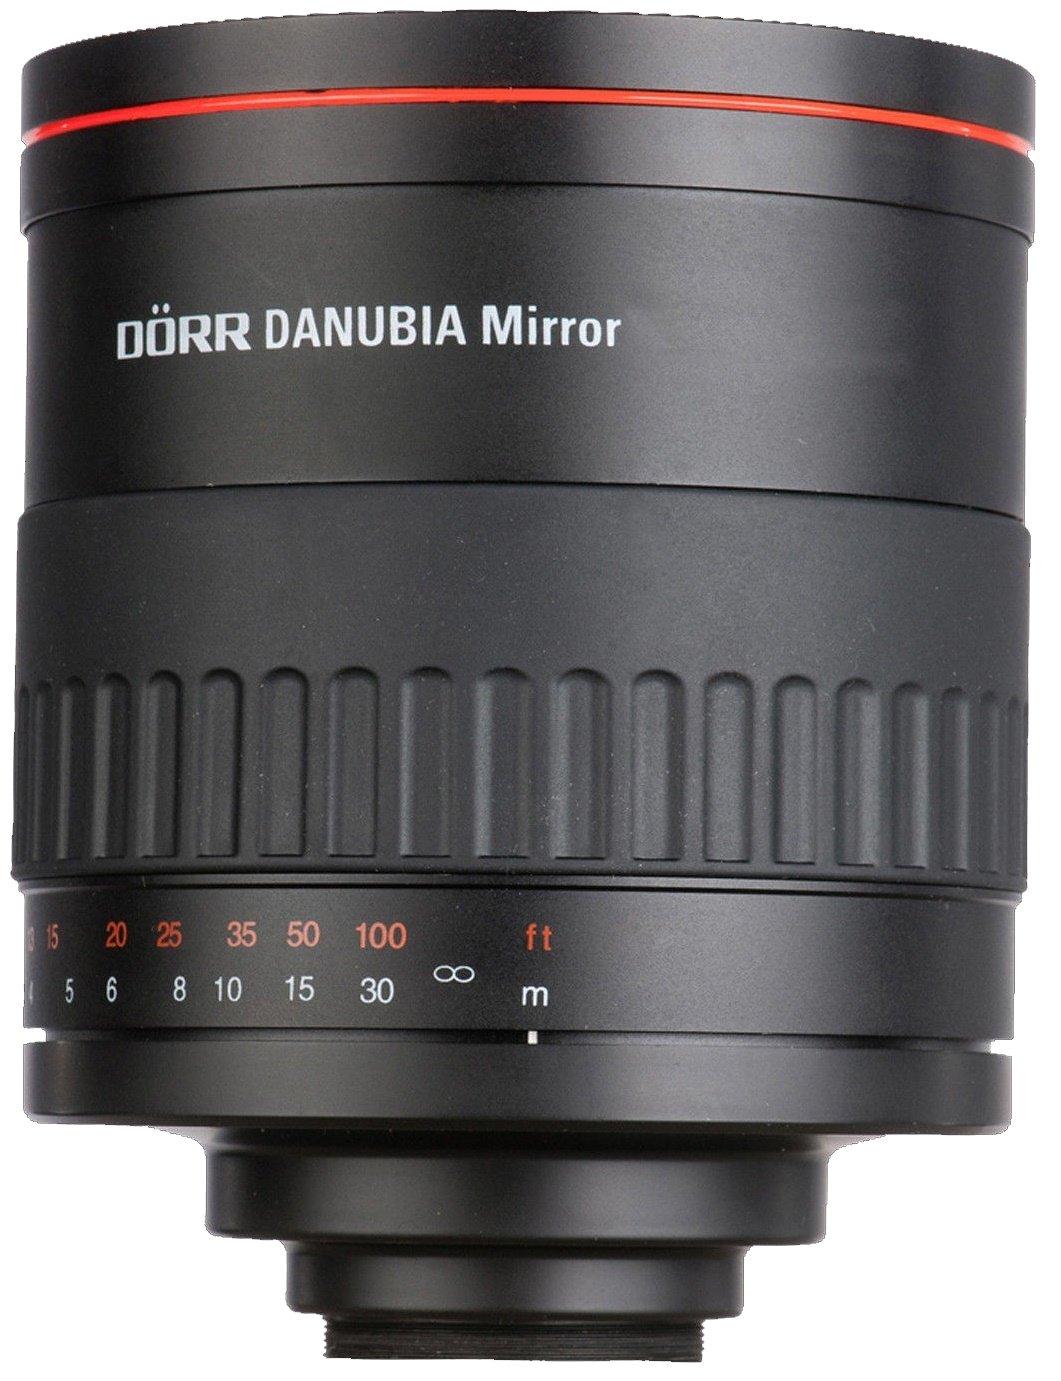 DORR DANUBIA 500 mm f/6,3 Mirror MC pro Olympus/Panasonic MFT